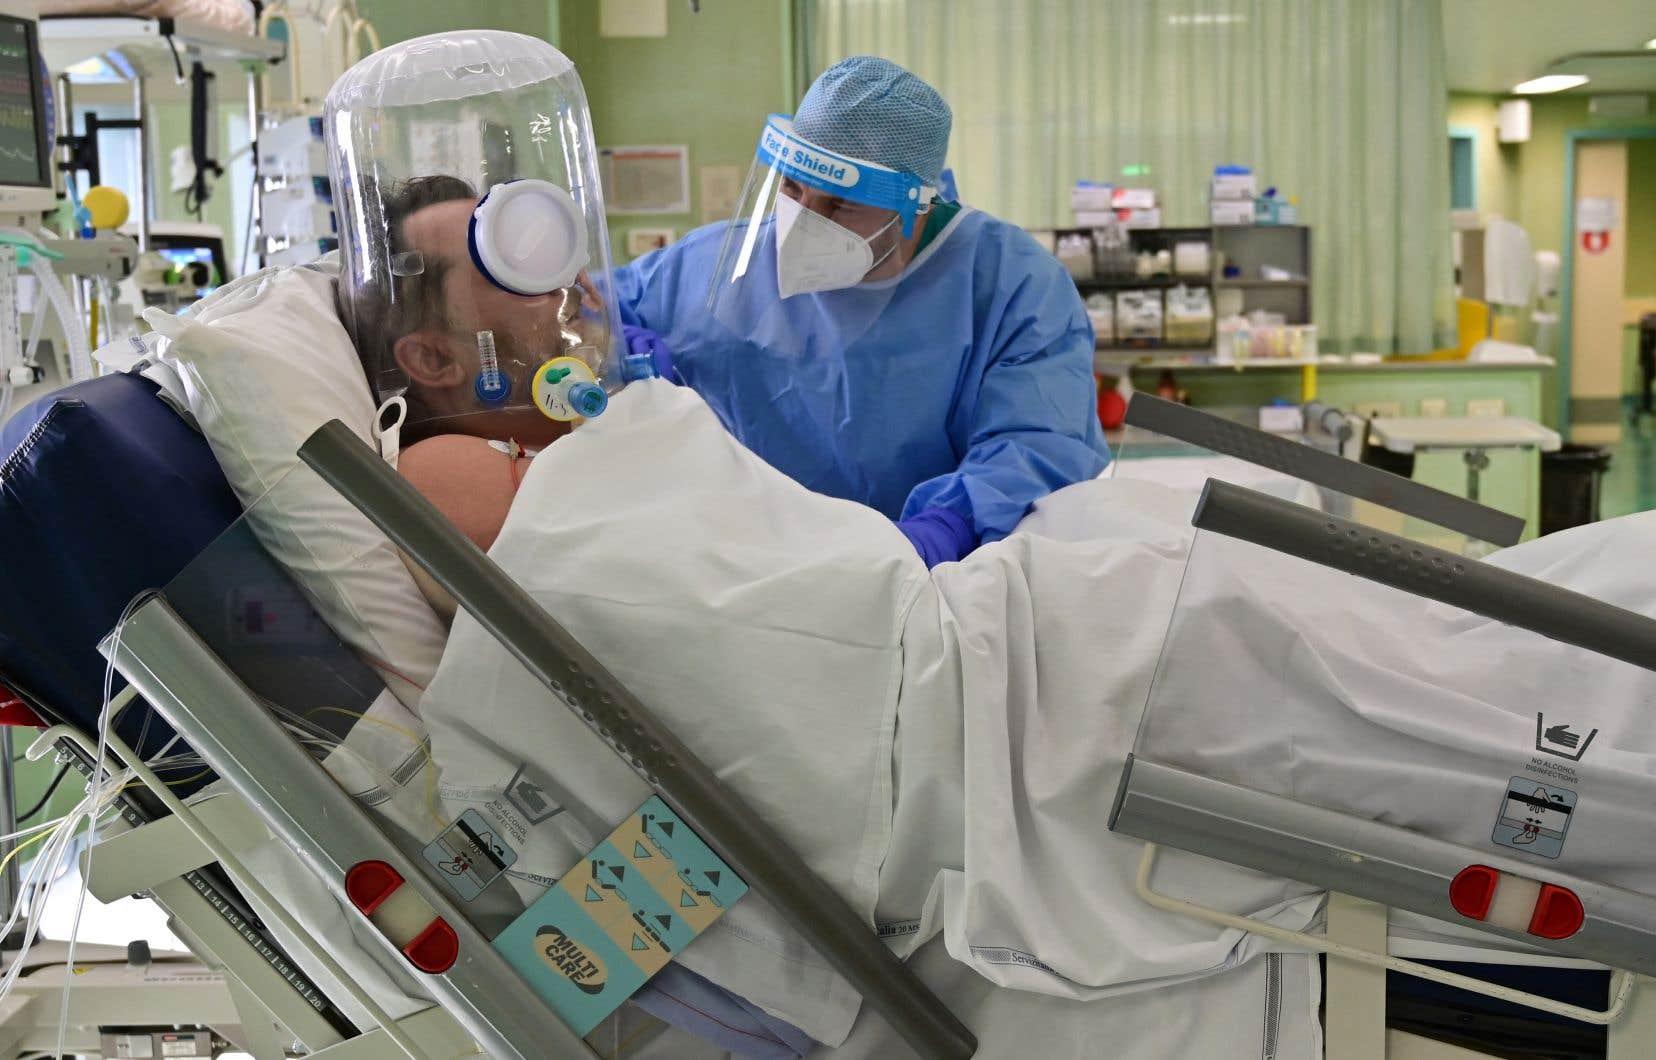 Les hôpitaux  et les unités de soins intensifs sont saturés dans plus  de la moitié  des 20 régions de l'Italie en  raison de  la propagation de la COVID-19.